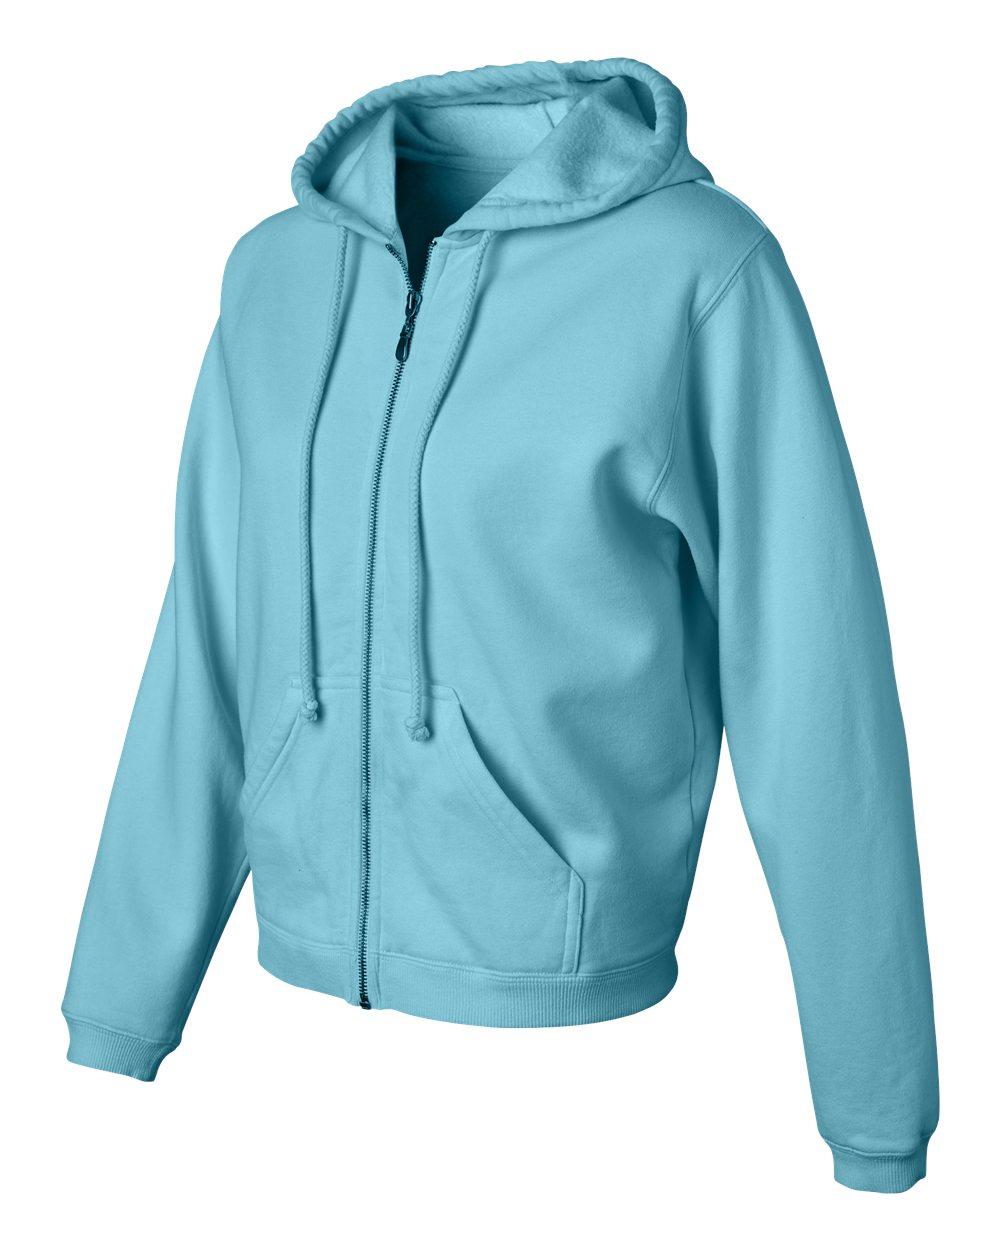 Garment-Dyed Full-Zip Hood C1598 S-2XL Comfort Colors Women/'s 10 oz